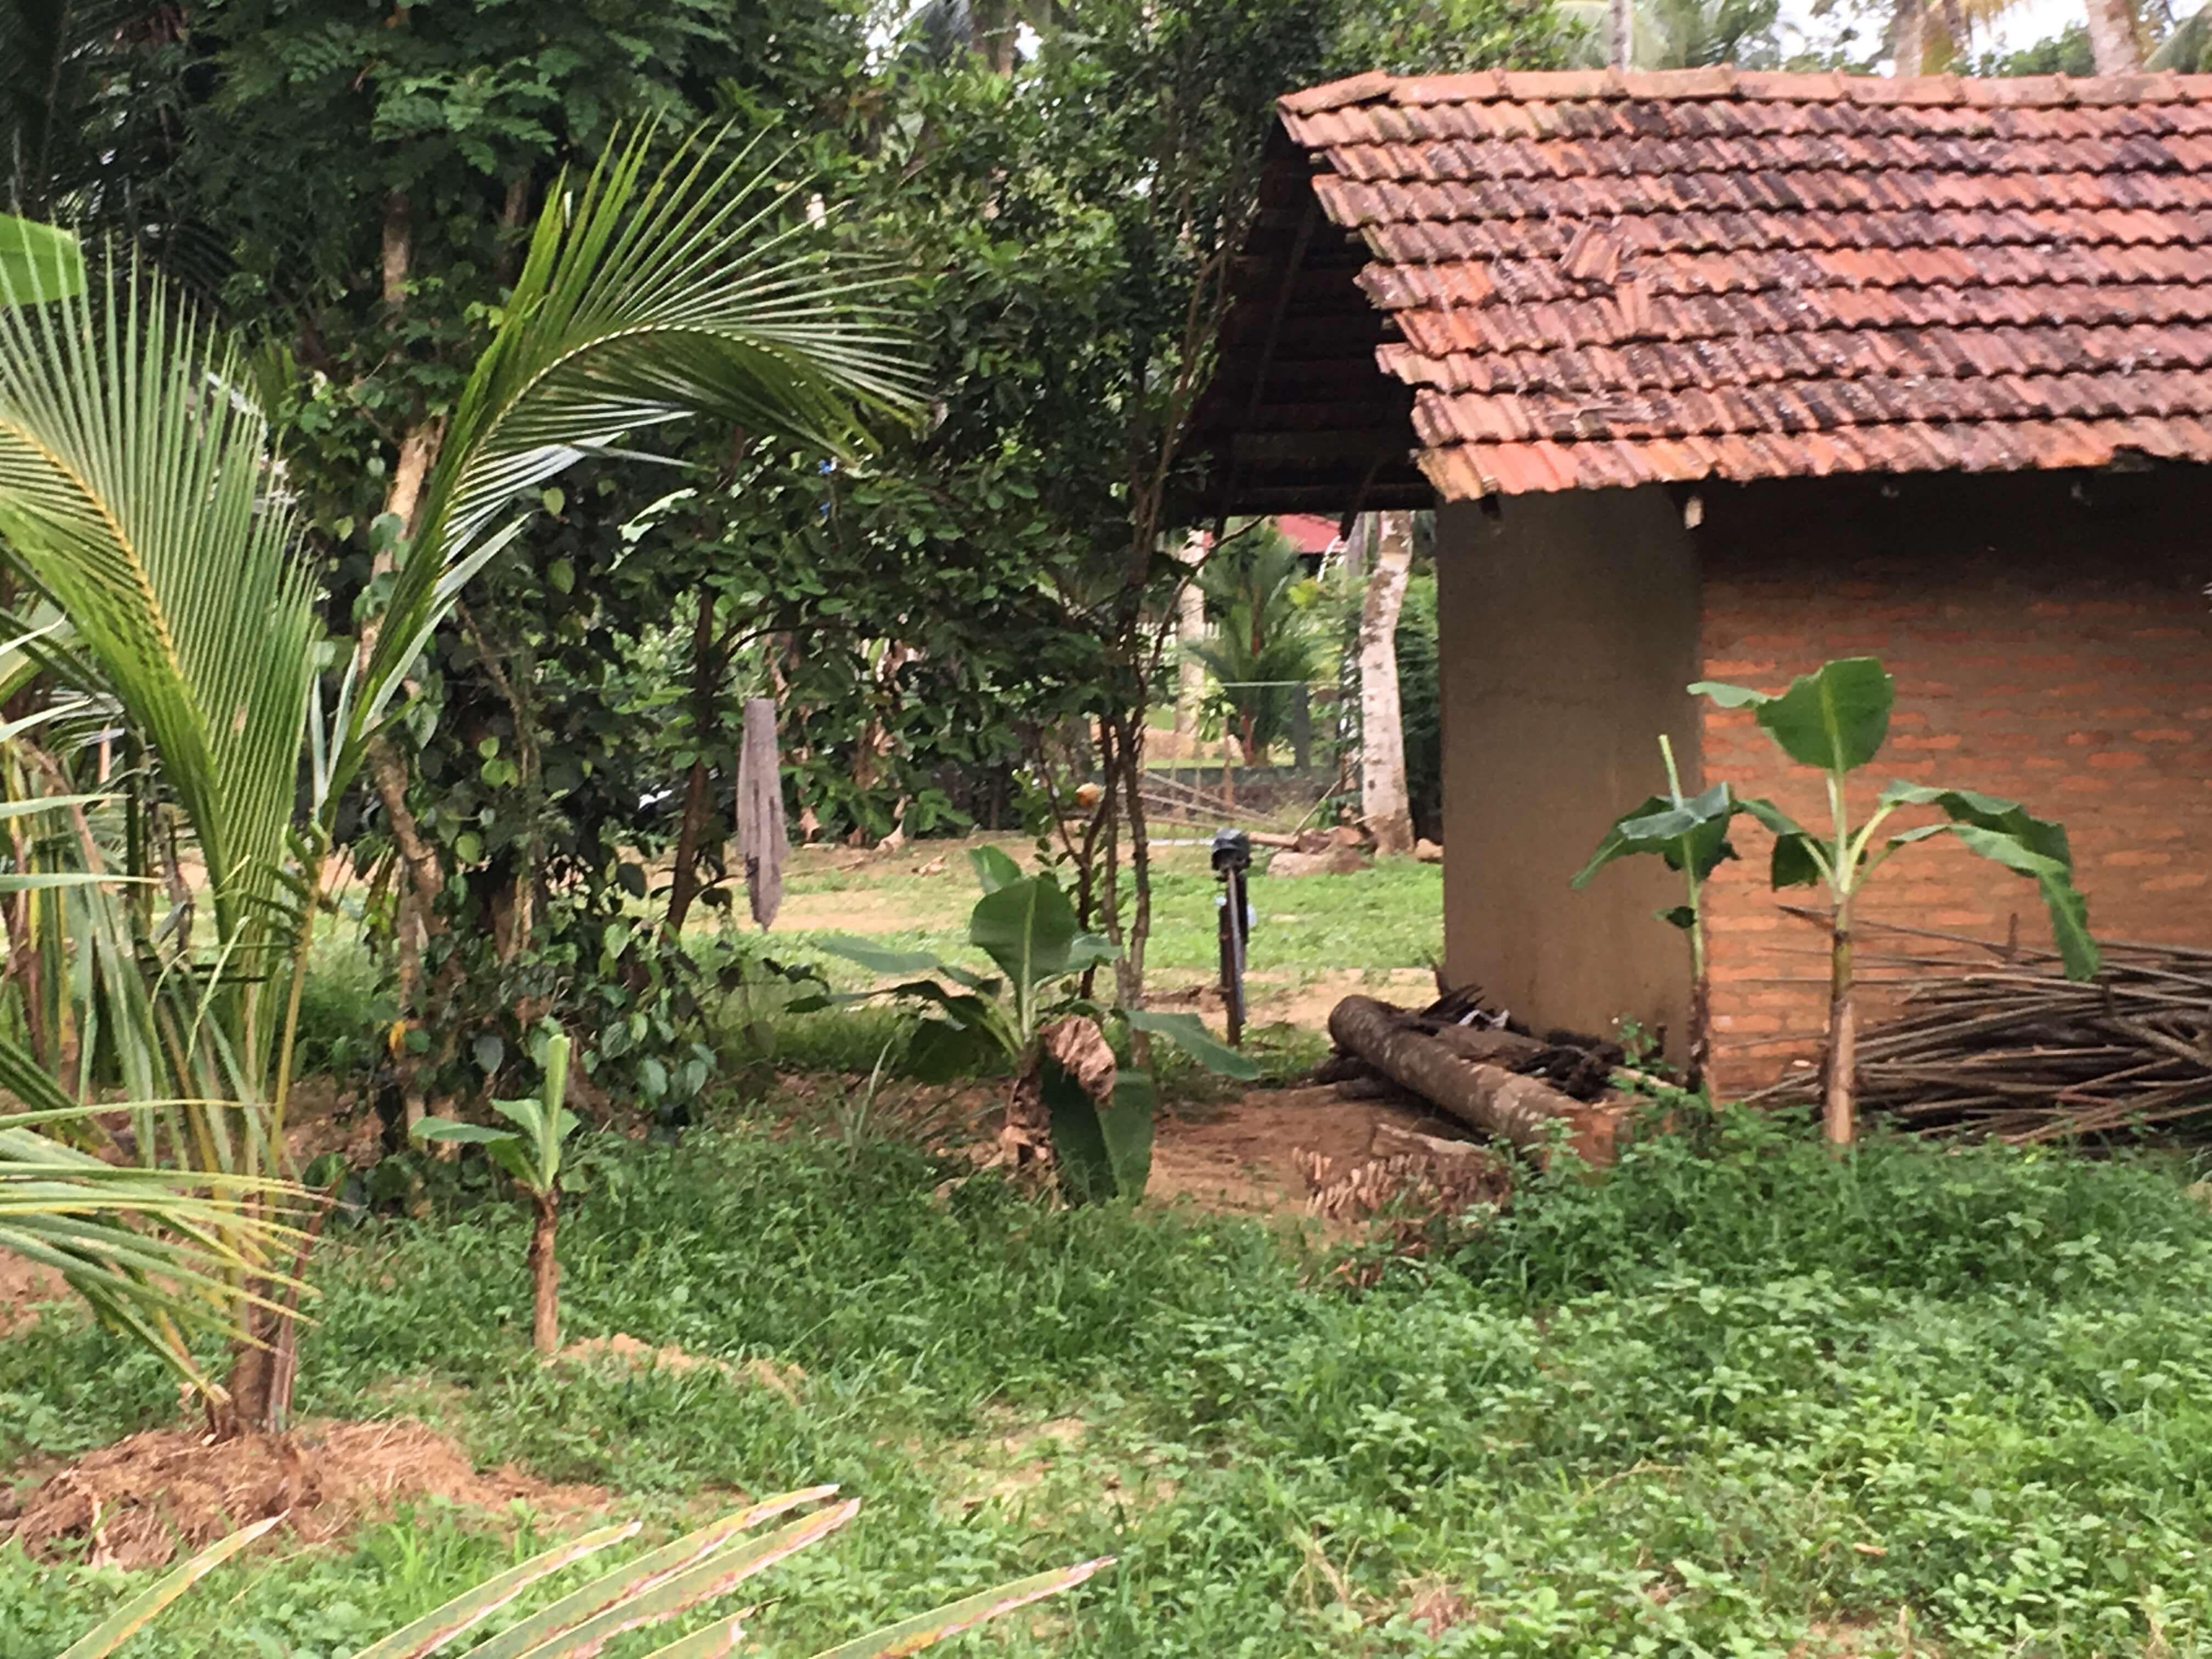 91 Perches Land Front For Sale In Nagoda Real Estate Visit Sri Lanka Https Visitsrilanka Com Property Prop Real Estate Sri Jayawardenepura Kotte Property